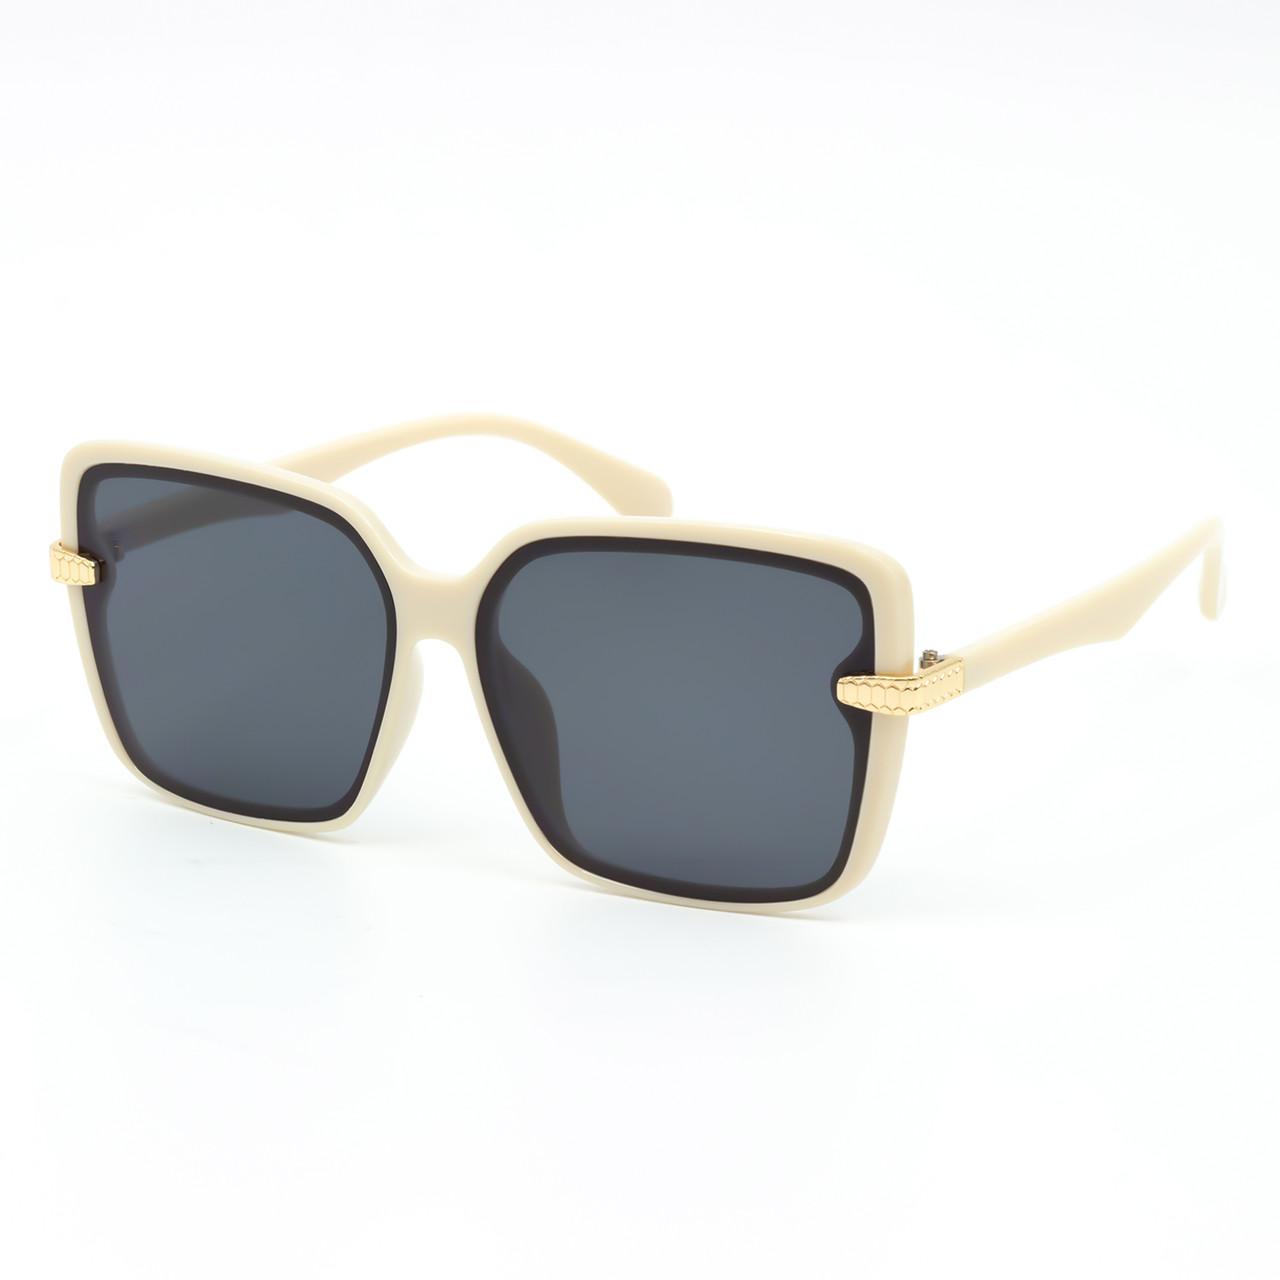 Солнцезащитные очки Marmilen 9134 C4 бежевые     ( KA9134-04 )